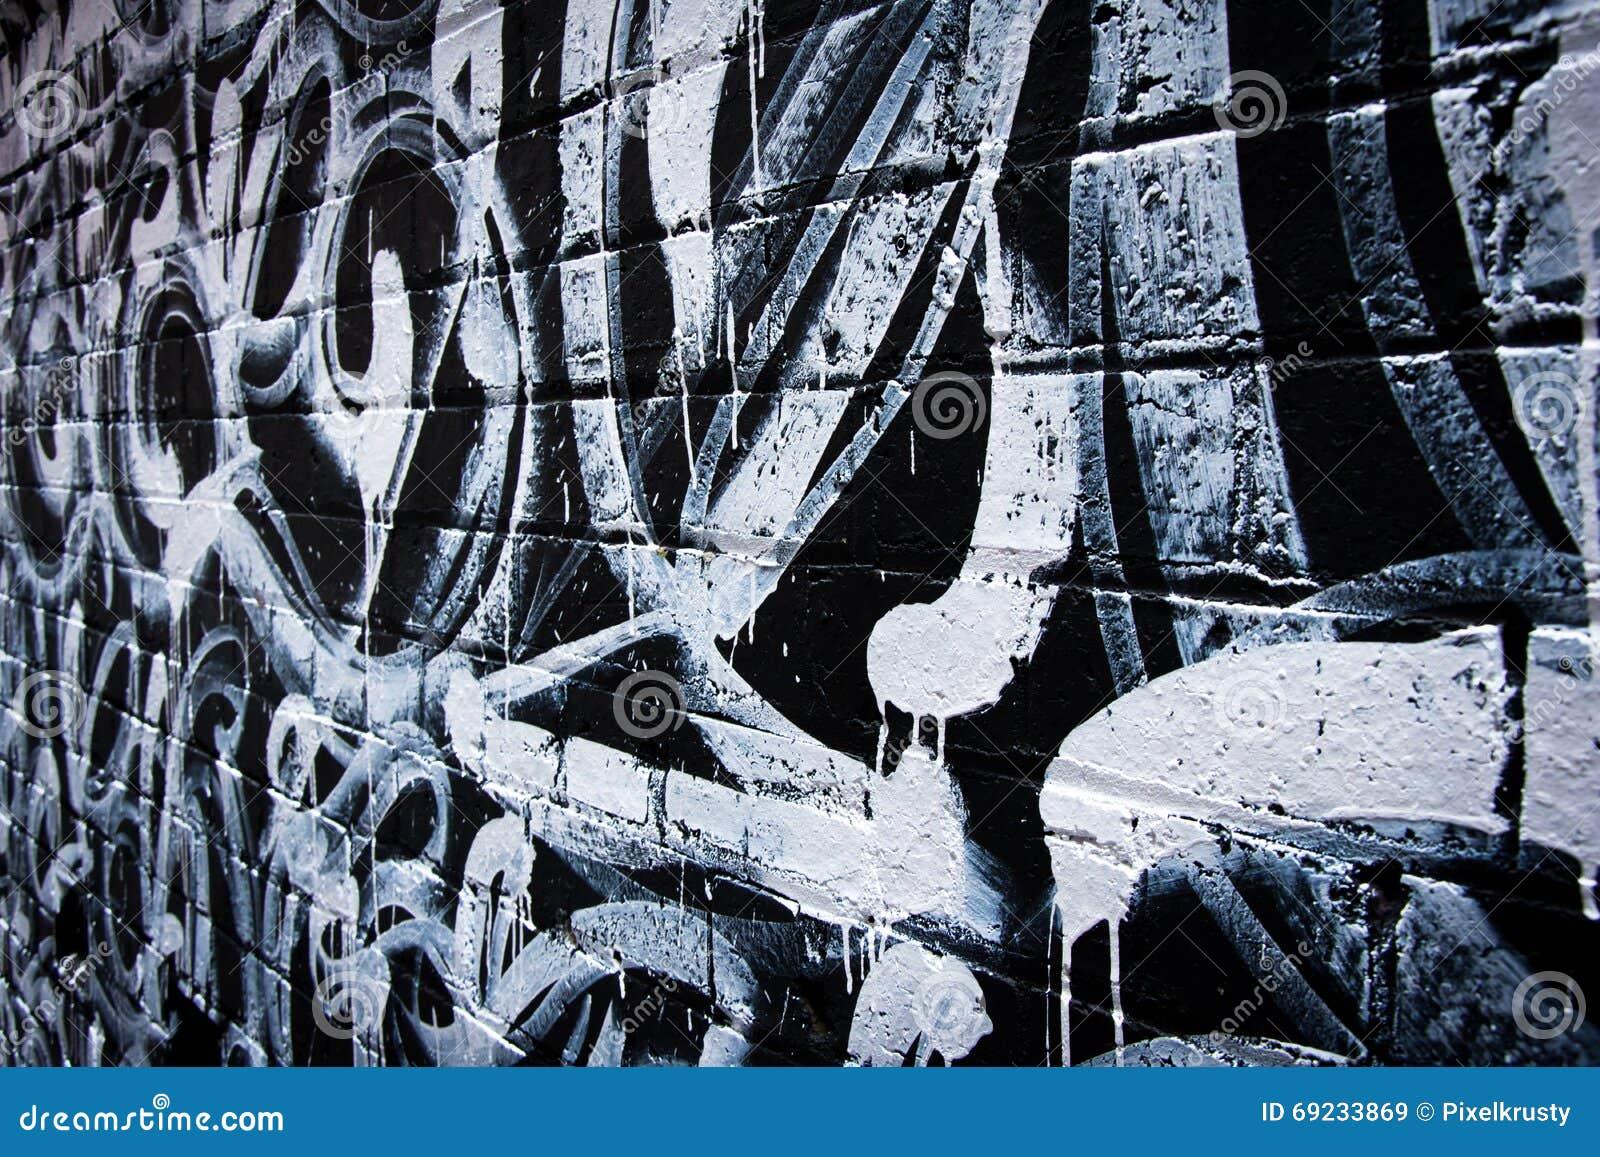 Graffiti wall black - Black And White Graffiti On Brick Wall